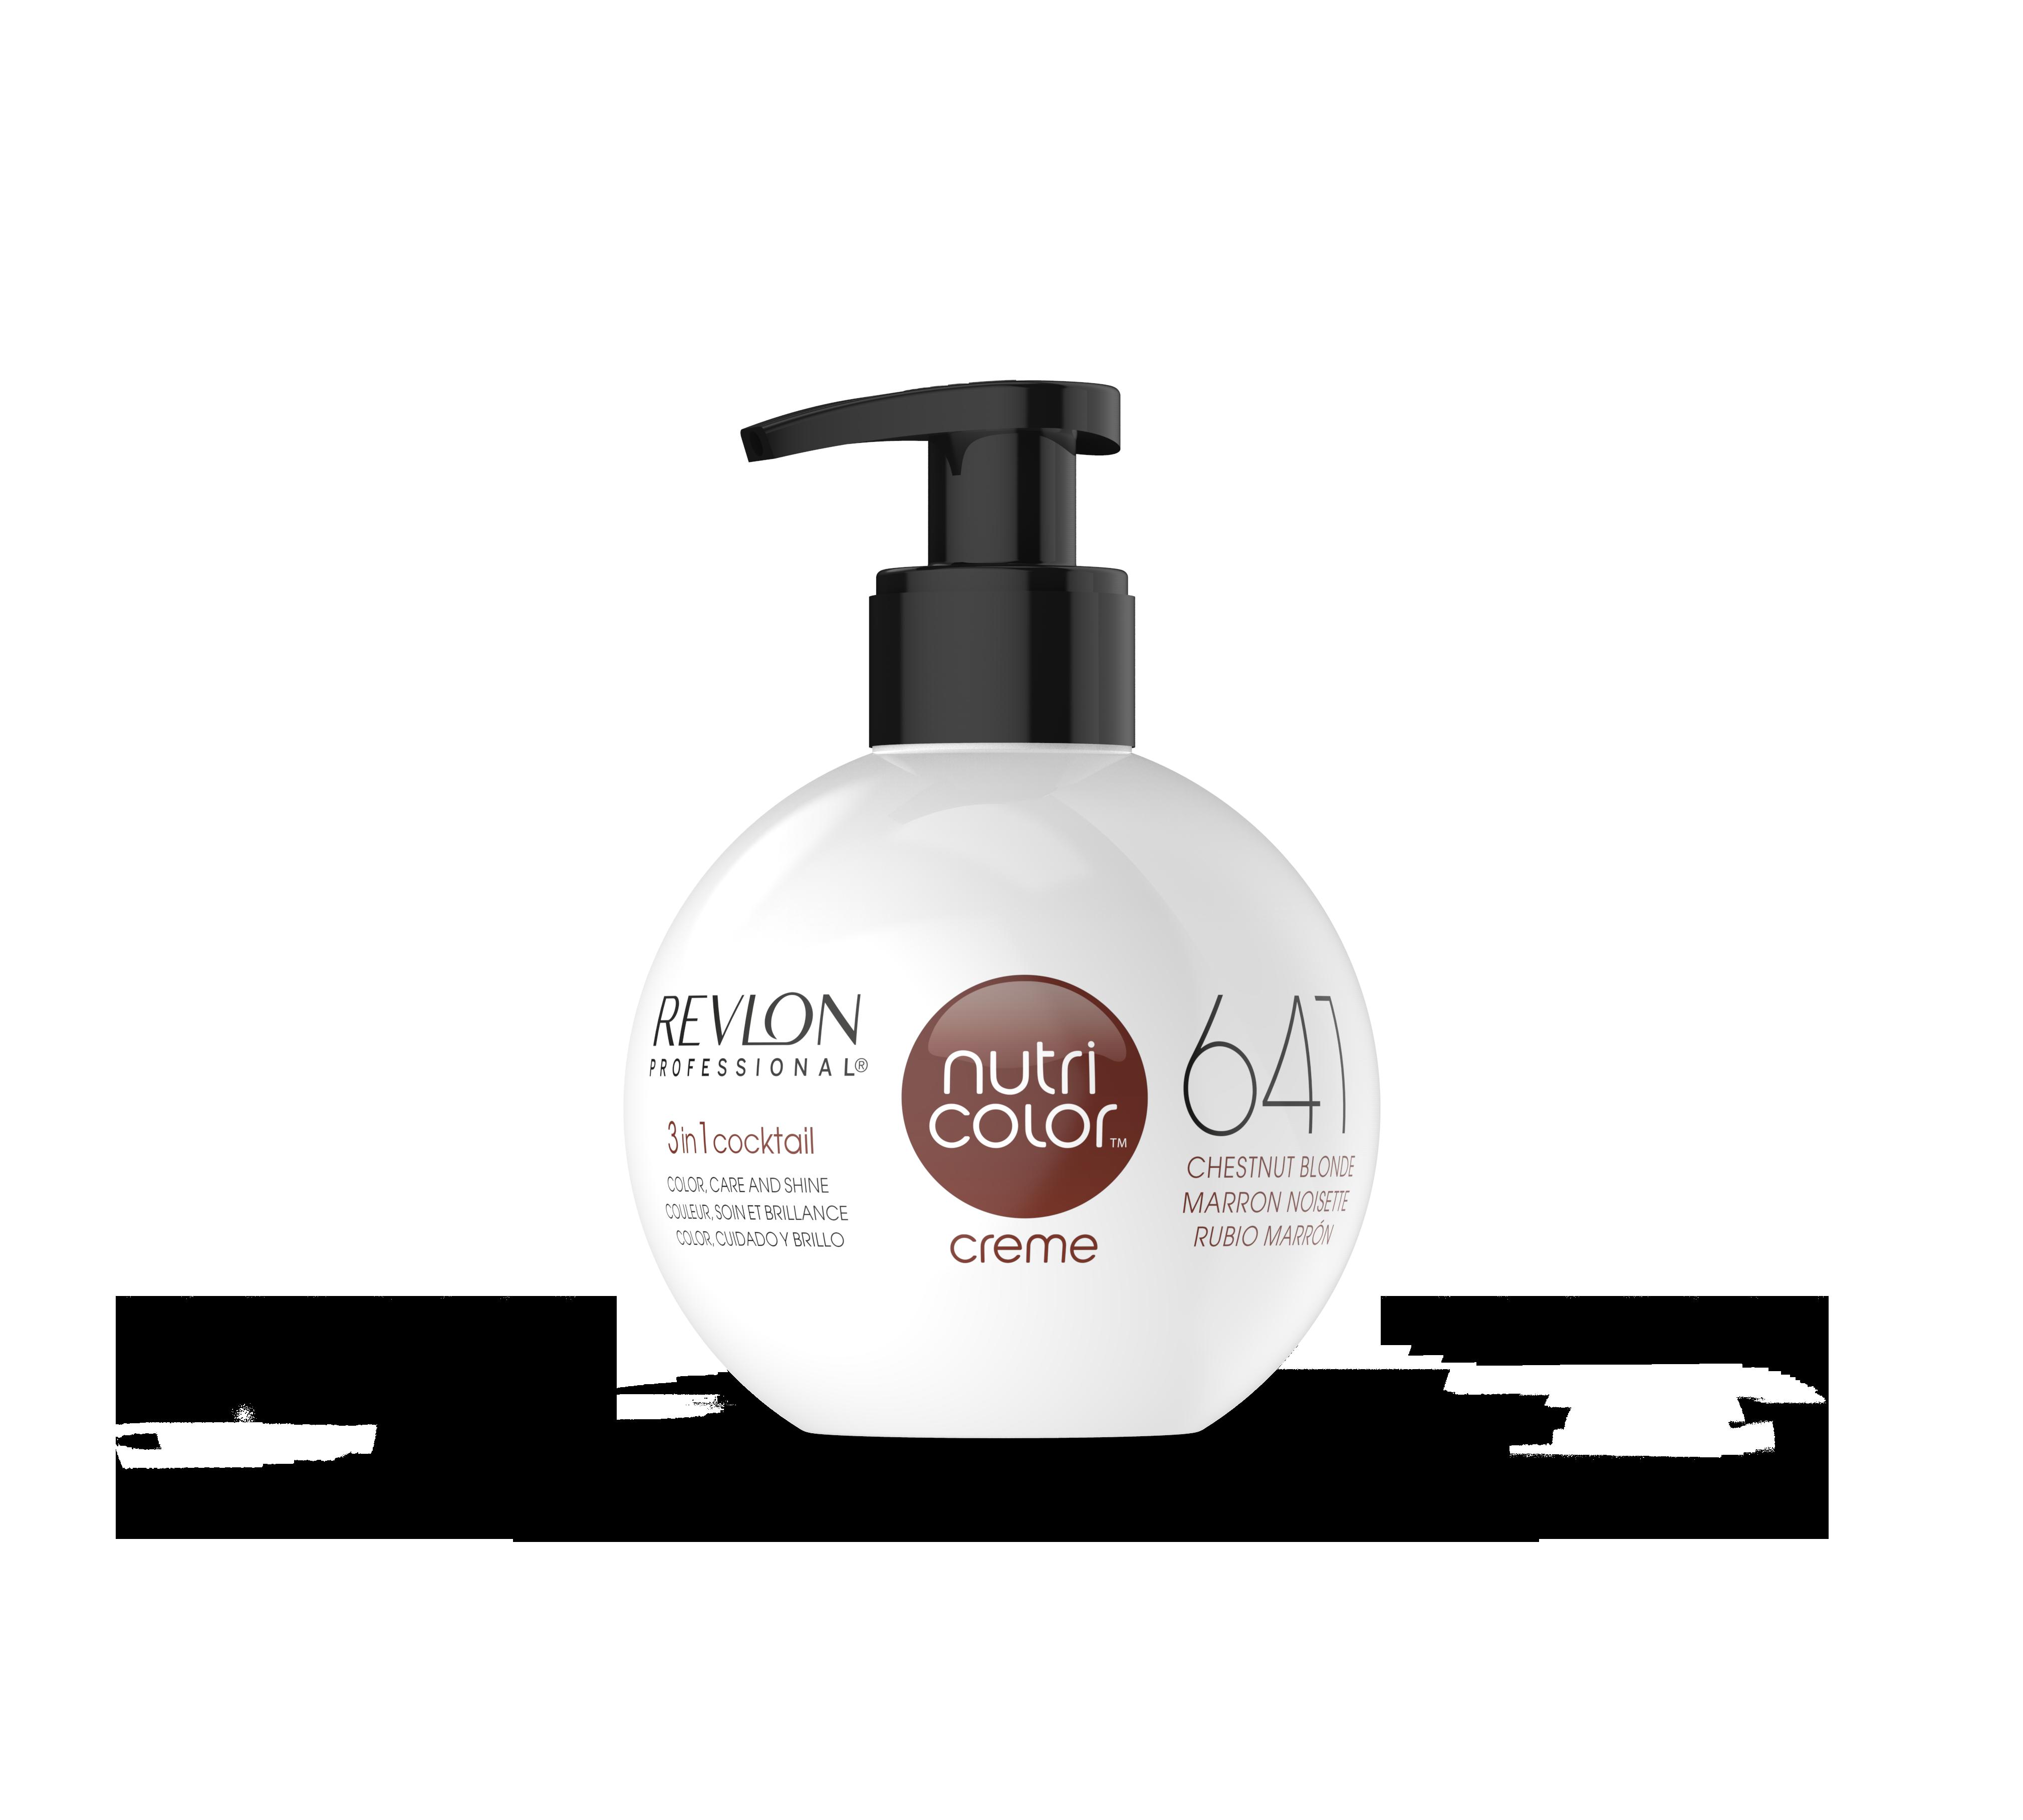 REVLON Professional 641 краска 3 в 1 для волос, каштановый светлый / NUTRI COLOR CREME 270 мл электрощипцы для волос valera conix 13 25mm 641 02